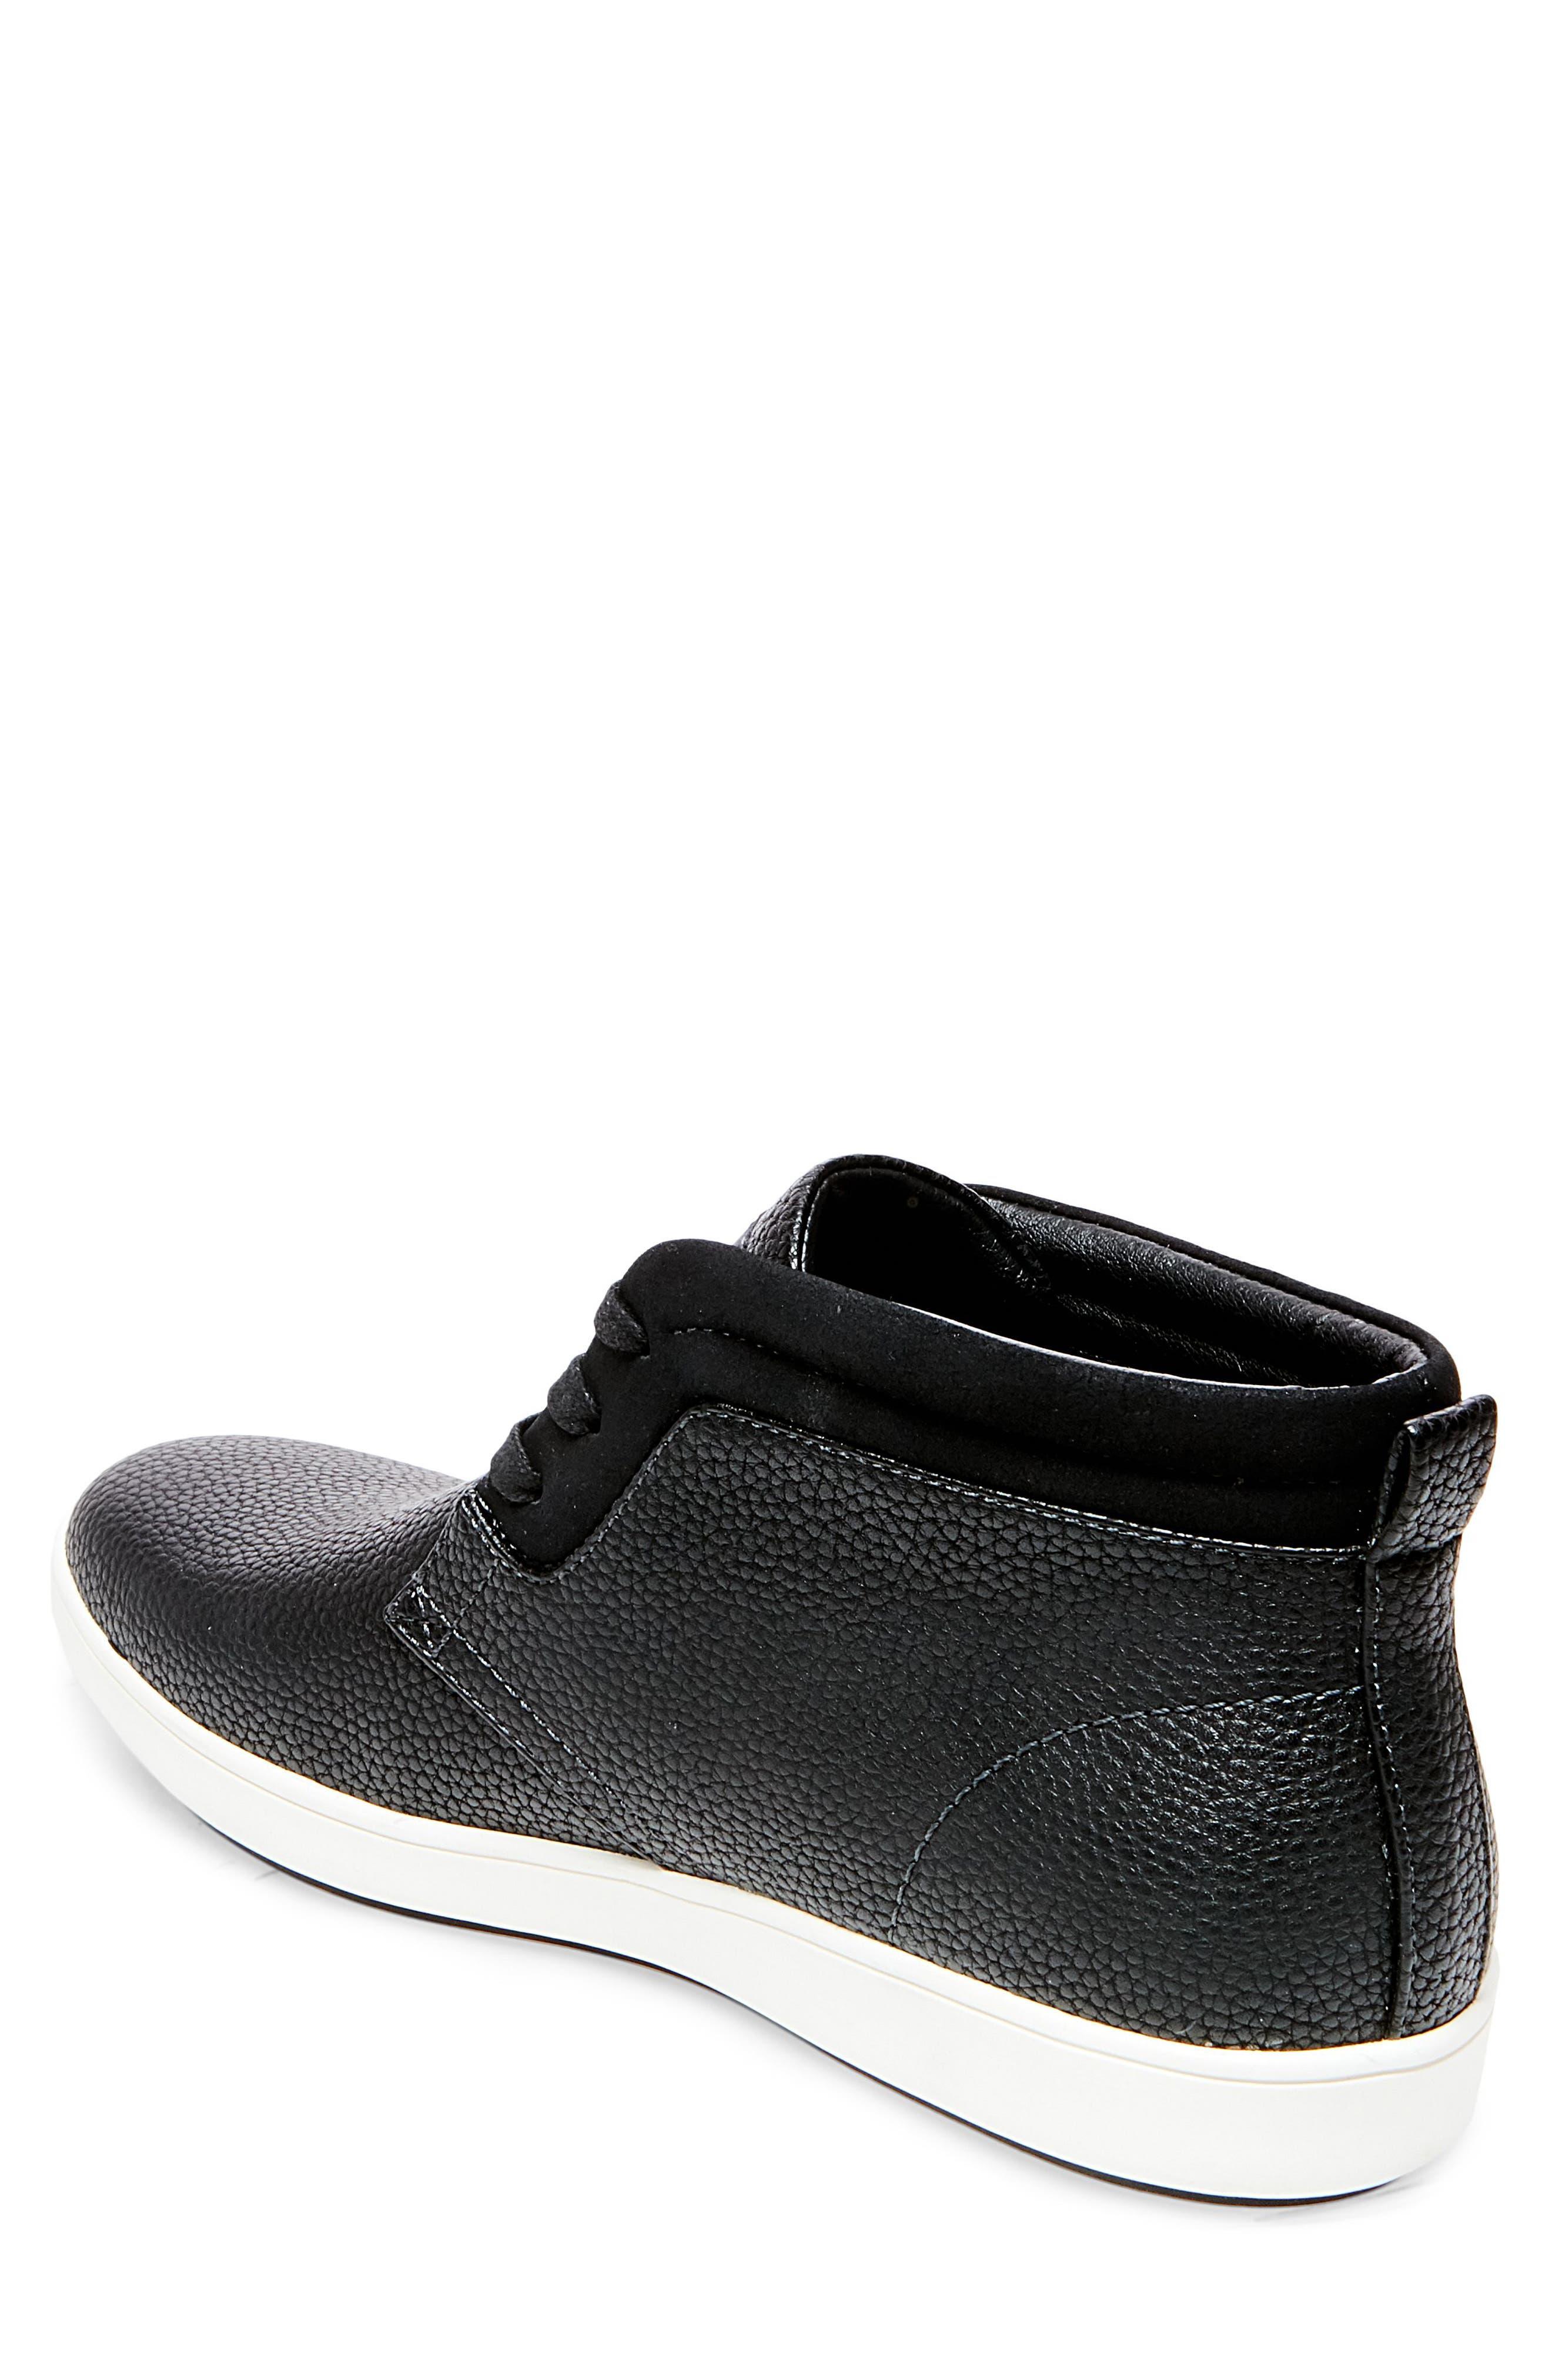 Alternate Image 2  - Steve Madden Fenway Sneaker (Men)